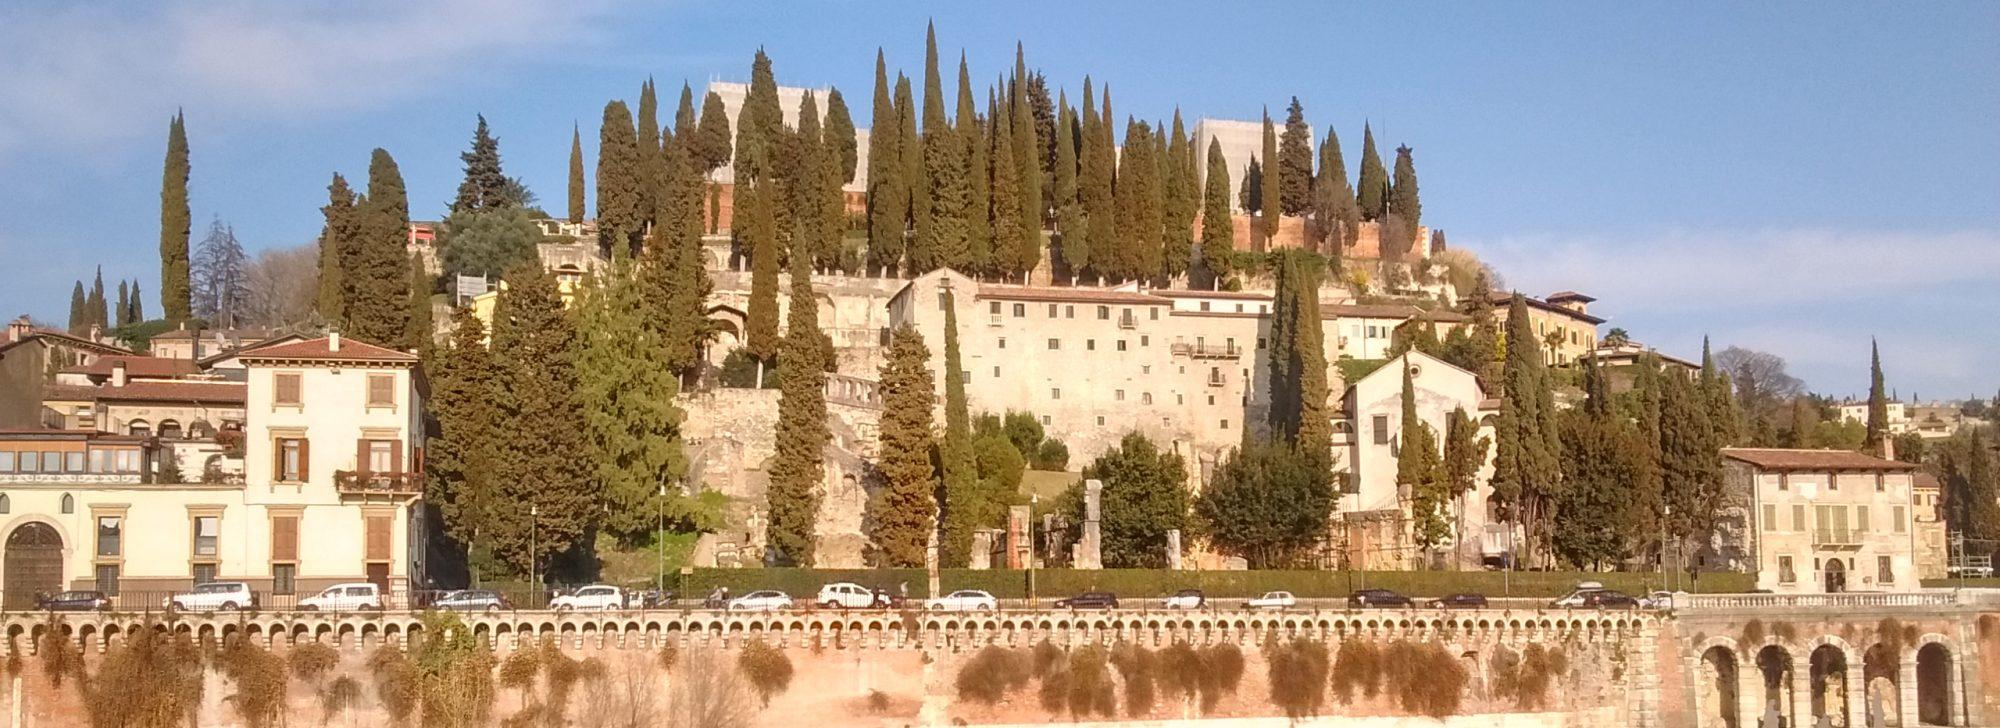 Avonturen in Verona